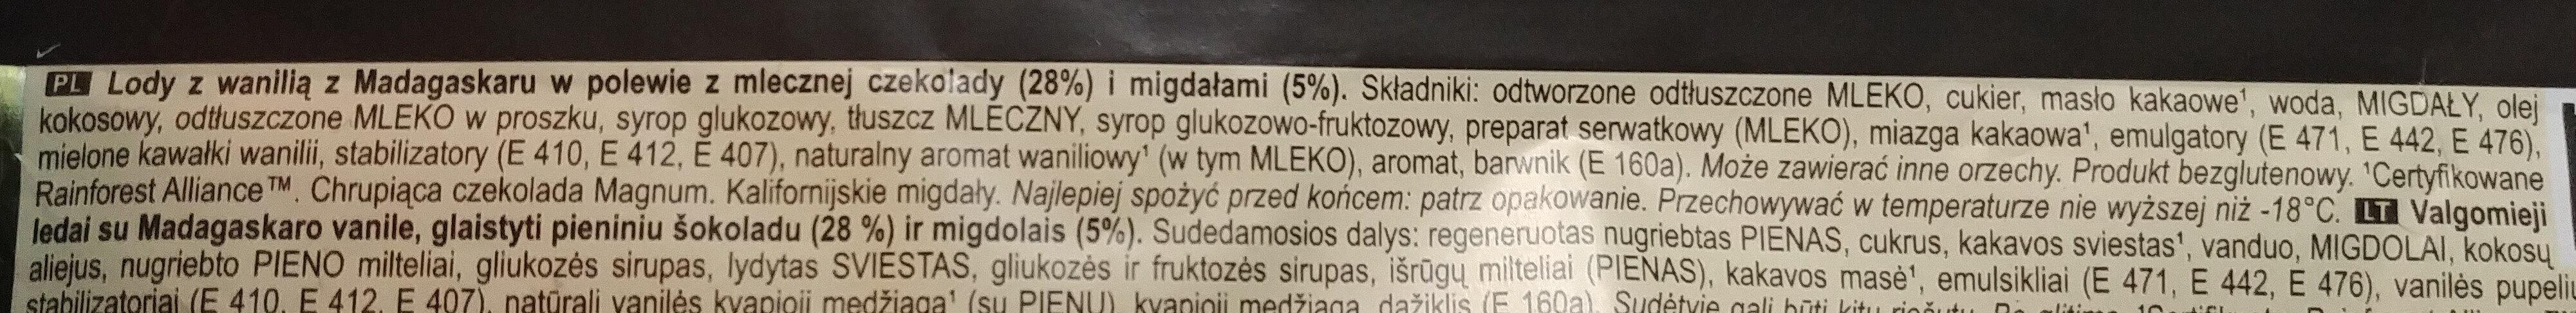 Lody z wanilią z Madagaskaru w polewie z mlecznej czekoladzie 28% i migdałami 5% - Ingredients - pl